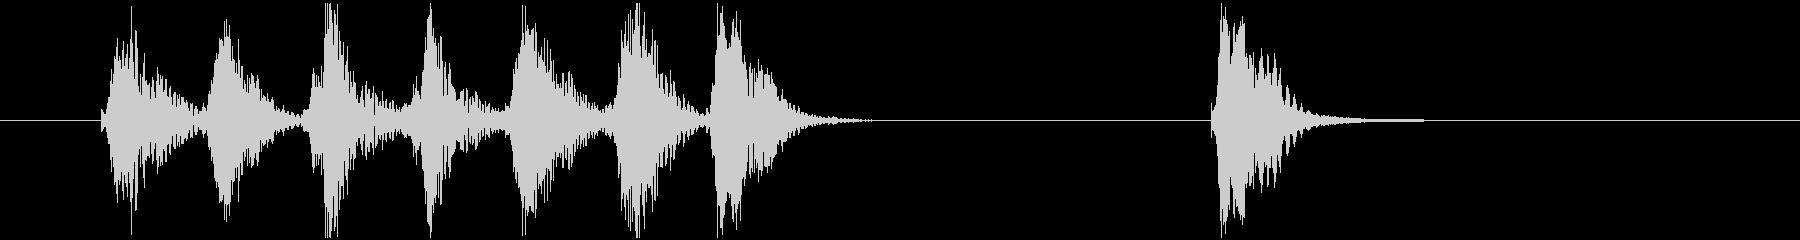 場面転換用ジングル サウンドロゴの未再生の波形